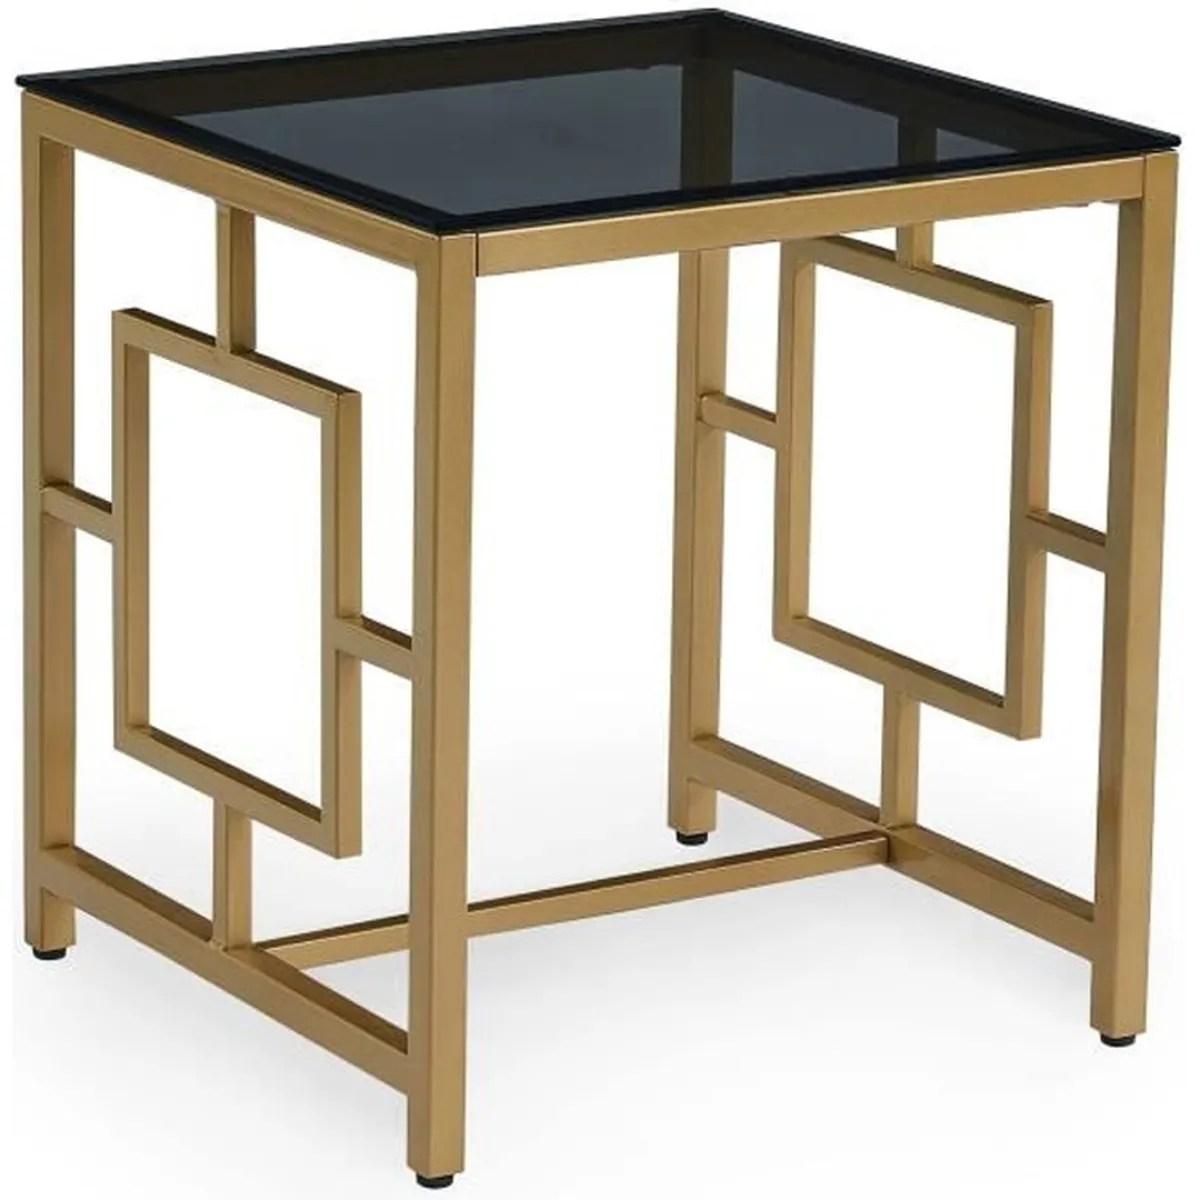 table basse design en verre noir et metal dore carree pablo